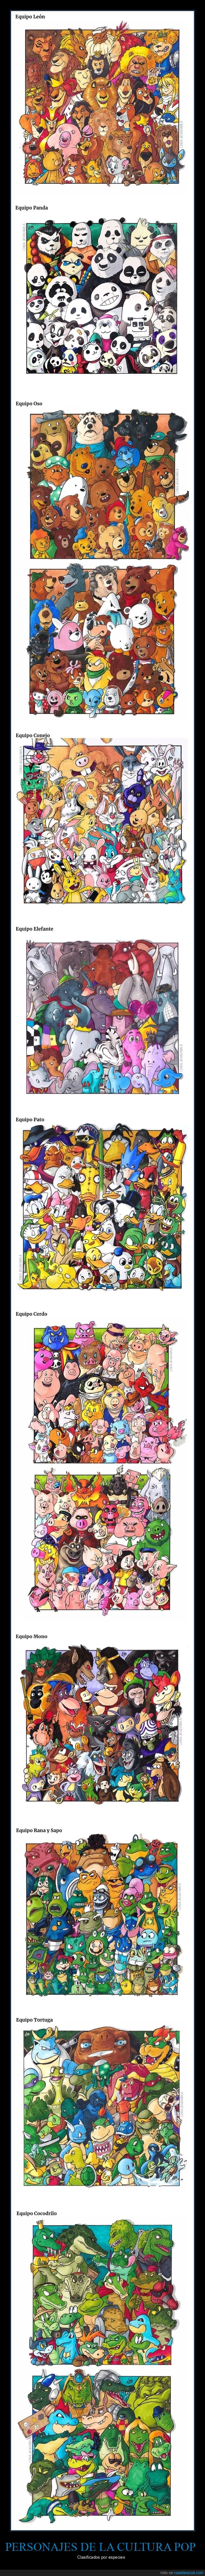 equipos,especies,personajes